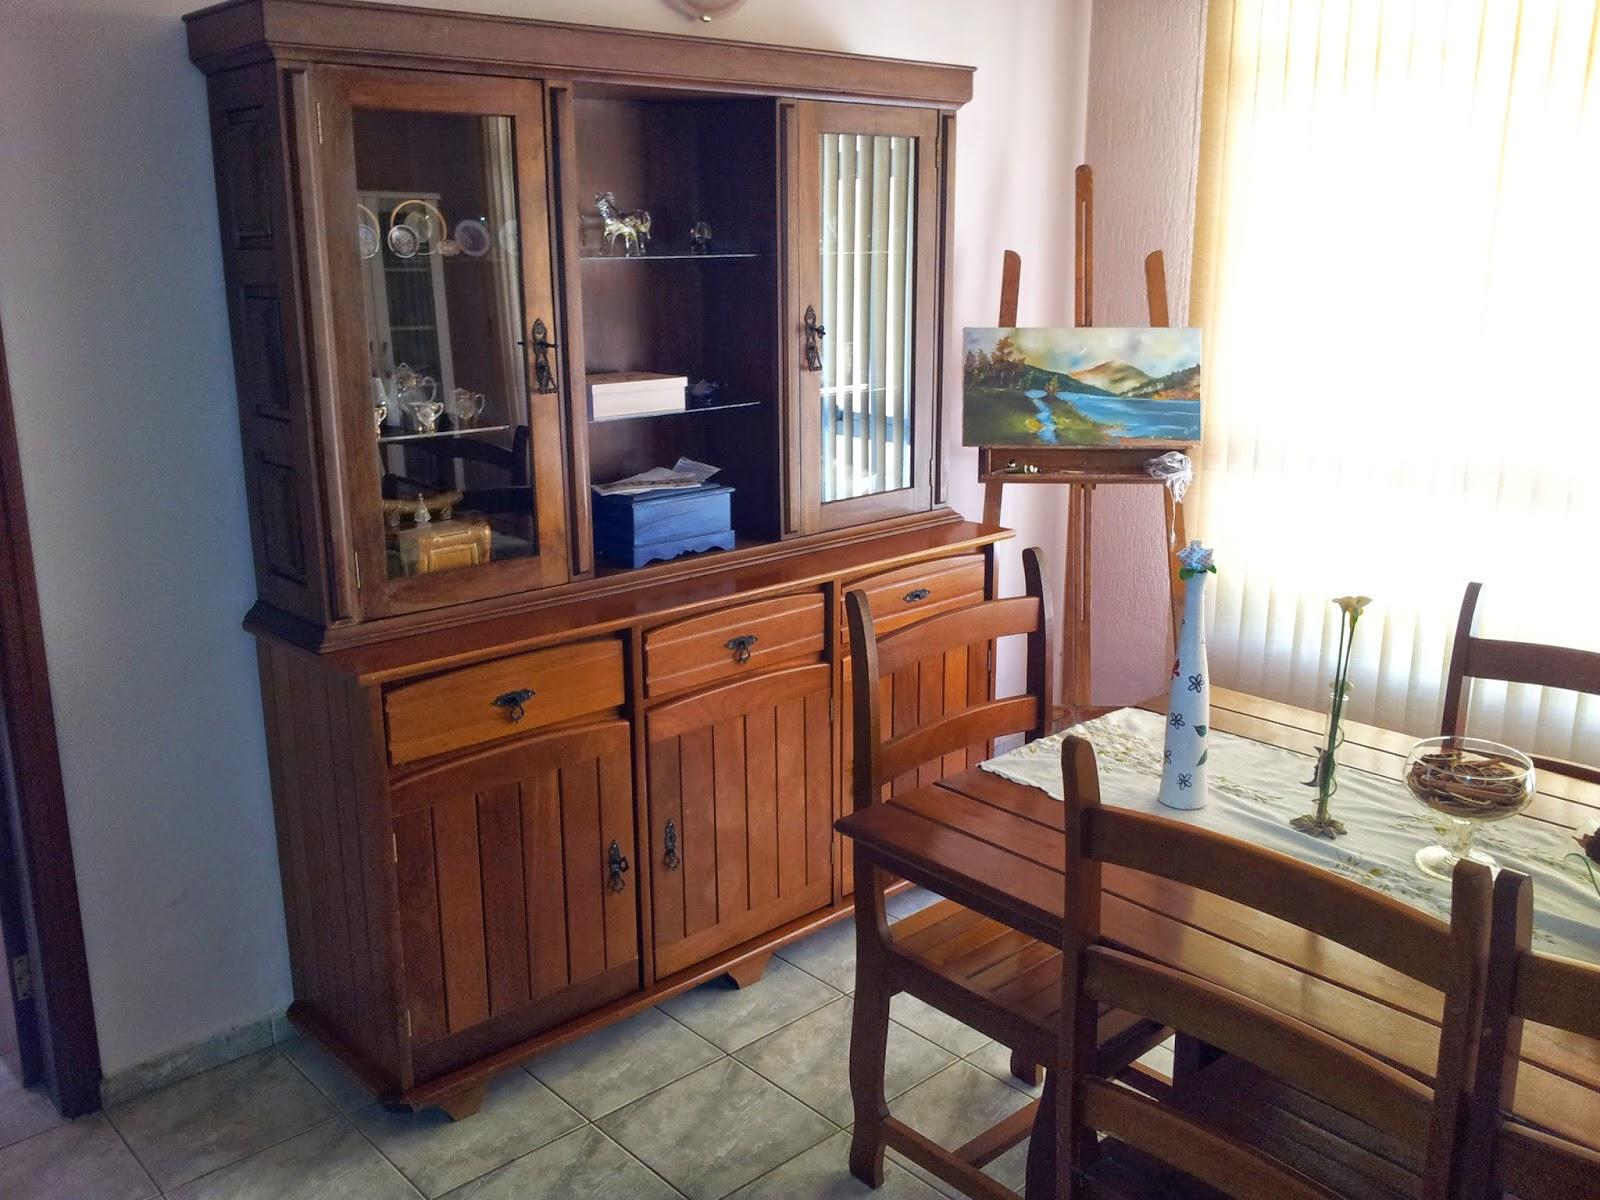 #965635 Oficina do Quintal: Como Repaginar um Oratório Antigo 1600x1200 px como reformar armario de madeira antigo @ bernauer.info Móveis Antigos Novos E Usados Online